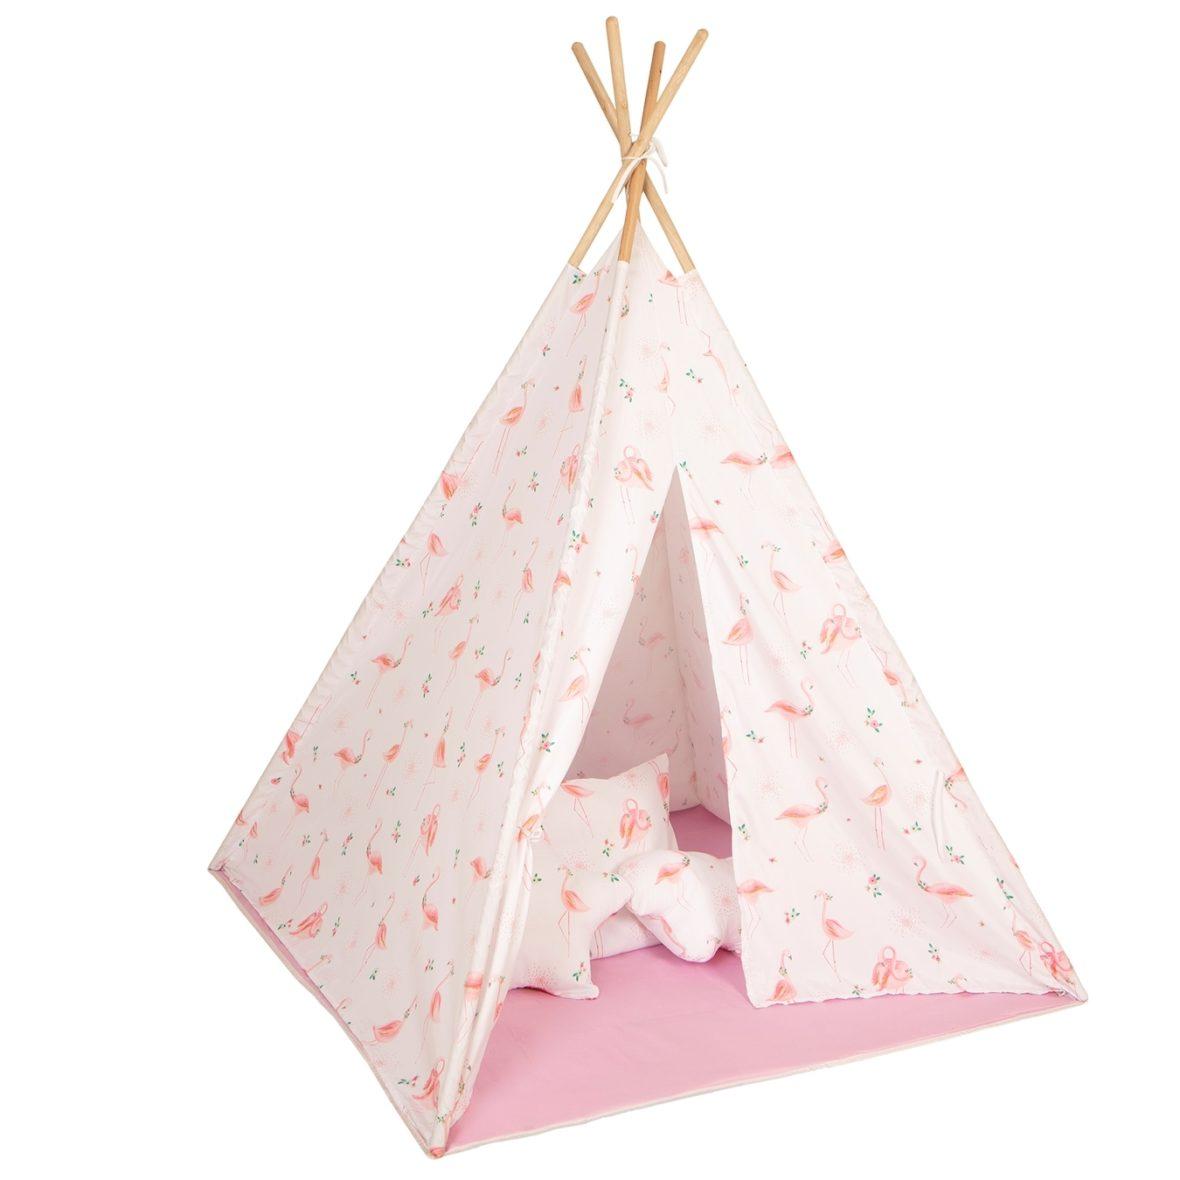 BABY ADVENTURE Σκηνή Baby Adventure Teepee Flamingo